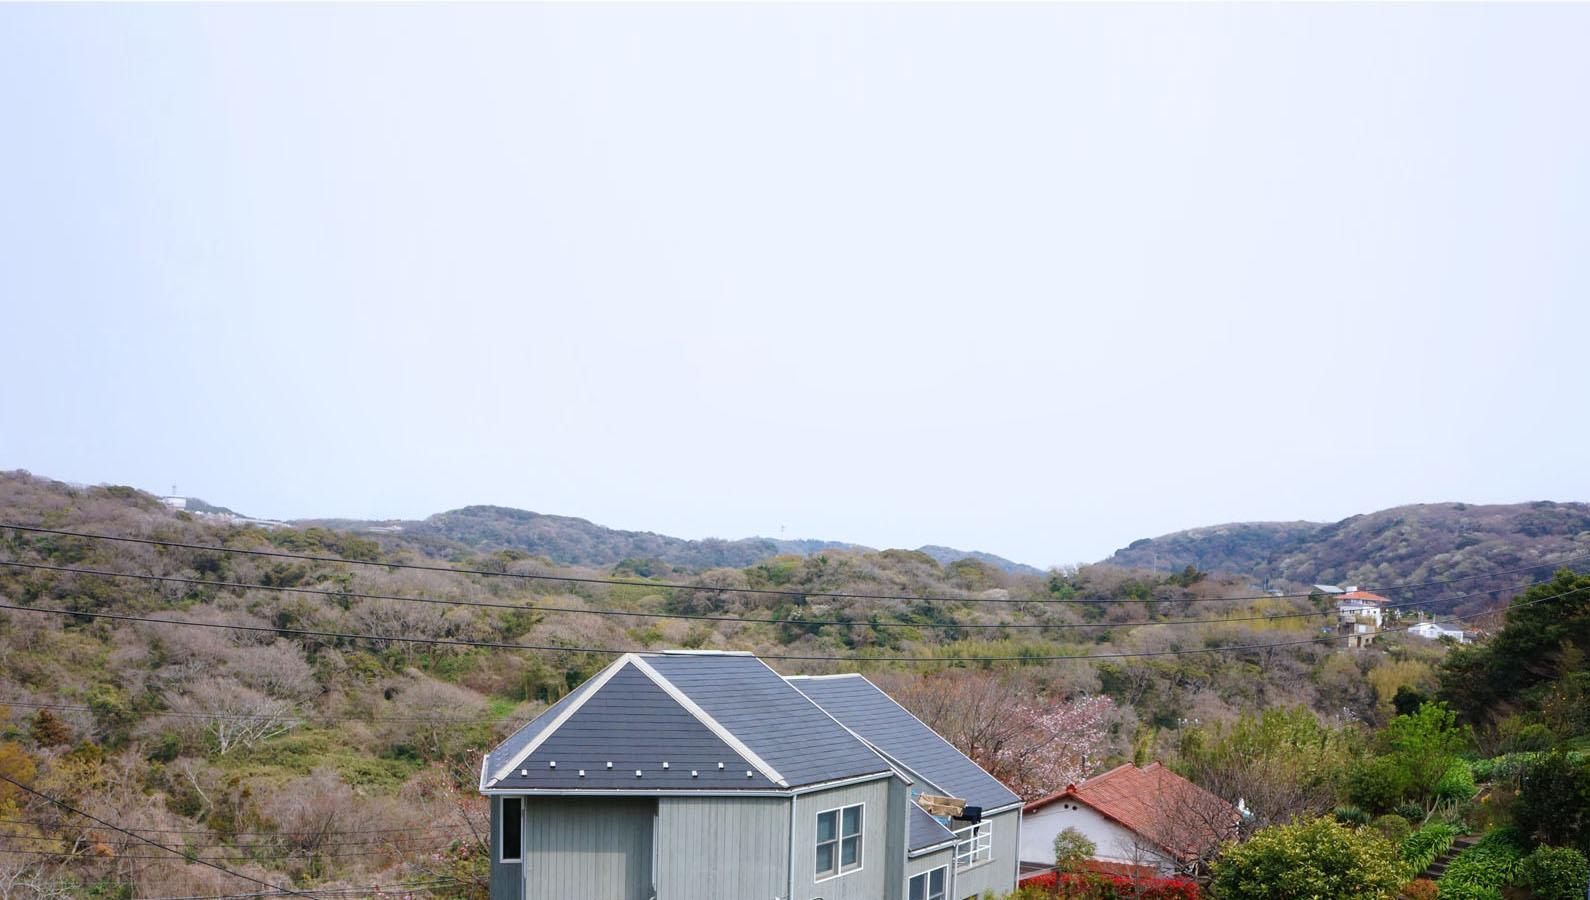 2階からの山を望む眺望は空も広くて気持ち良いの一言